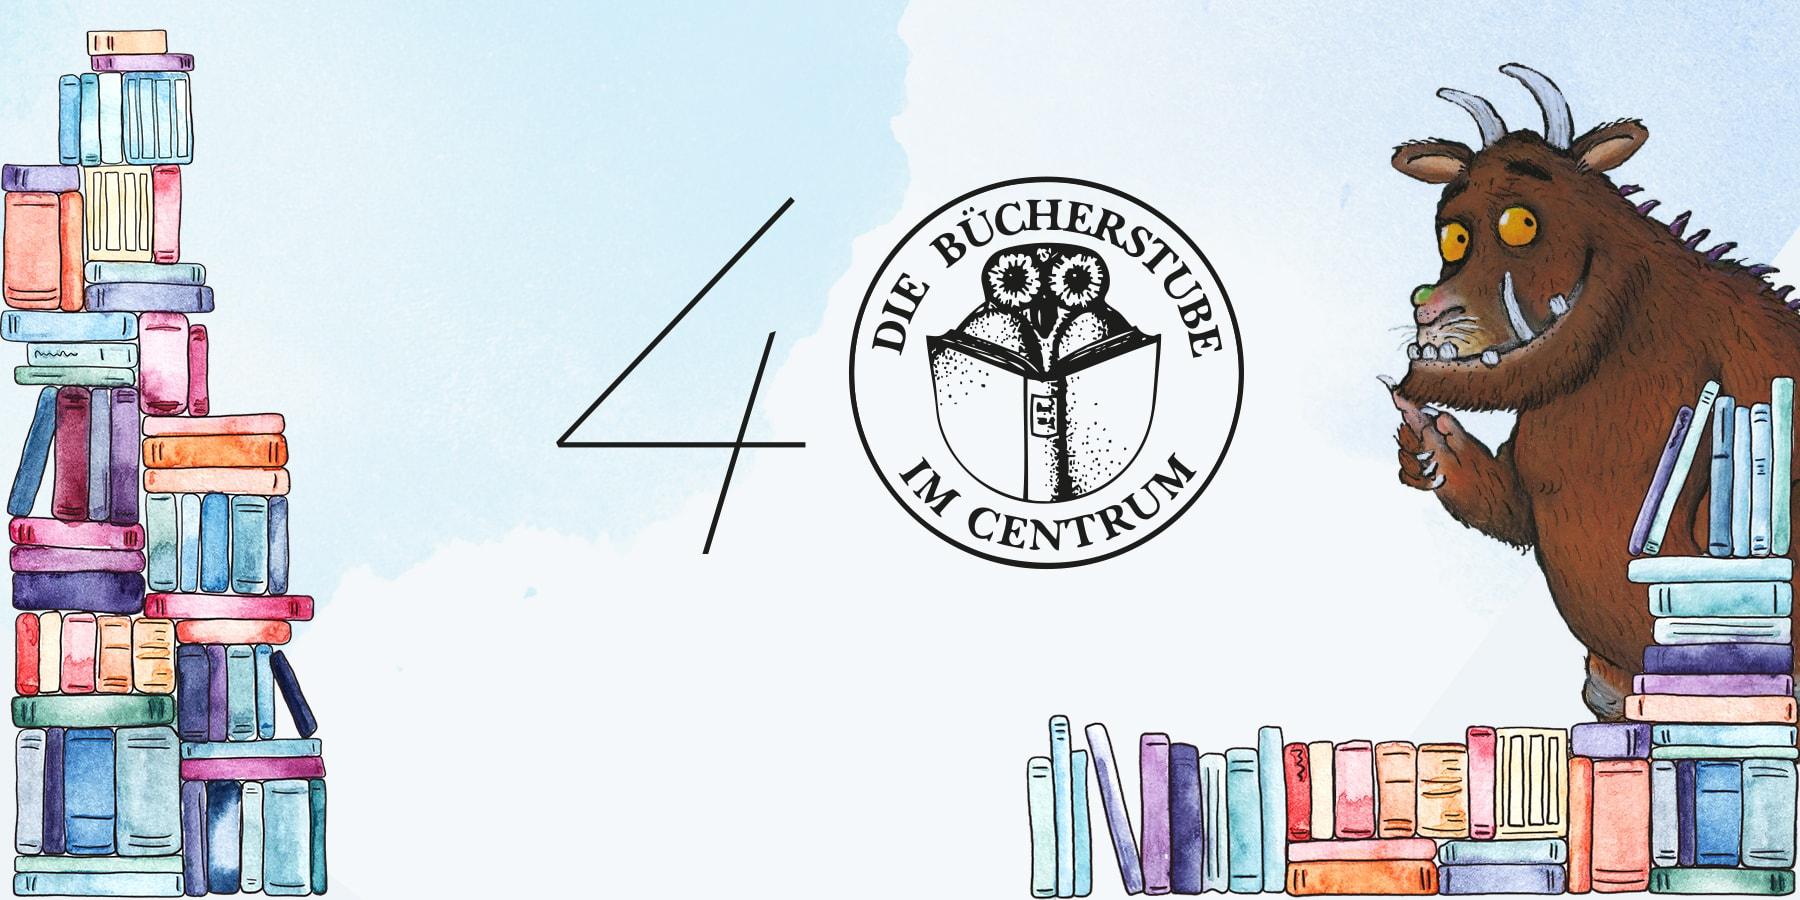 40 Jahre Bücherstube im Centrum